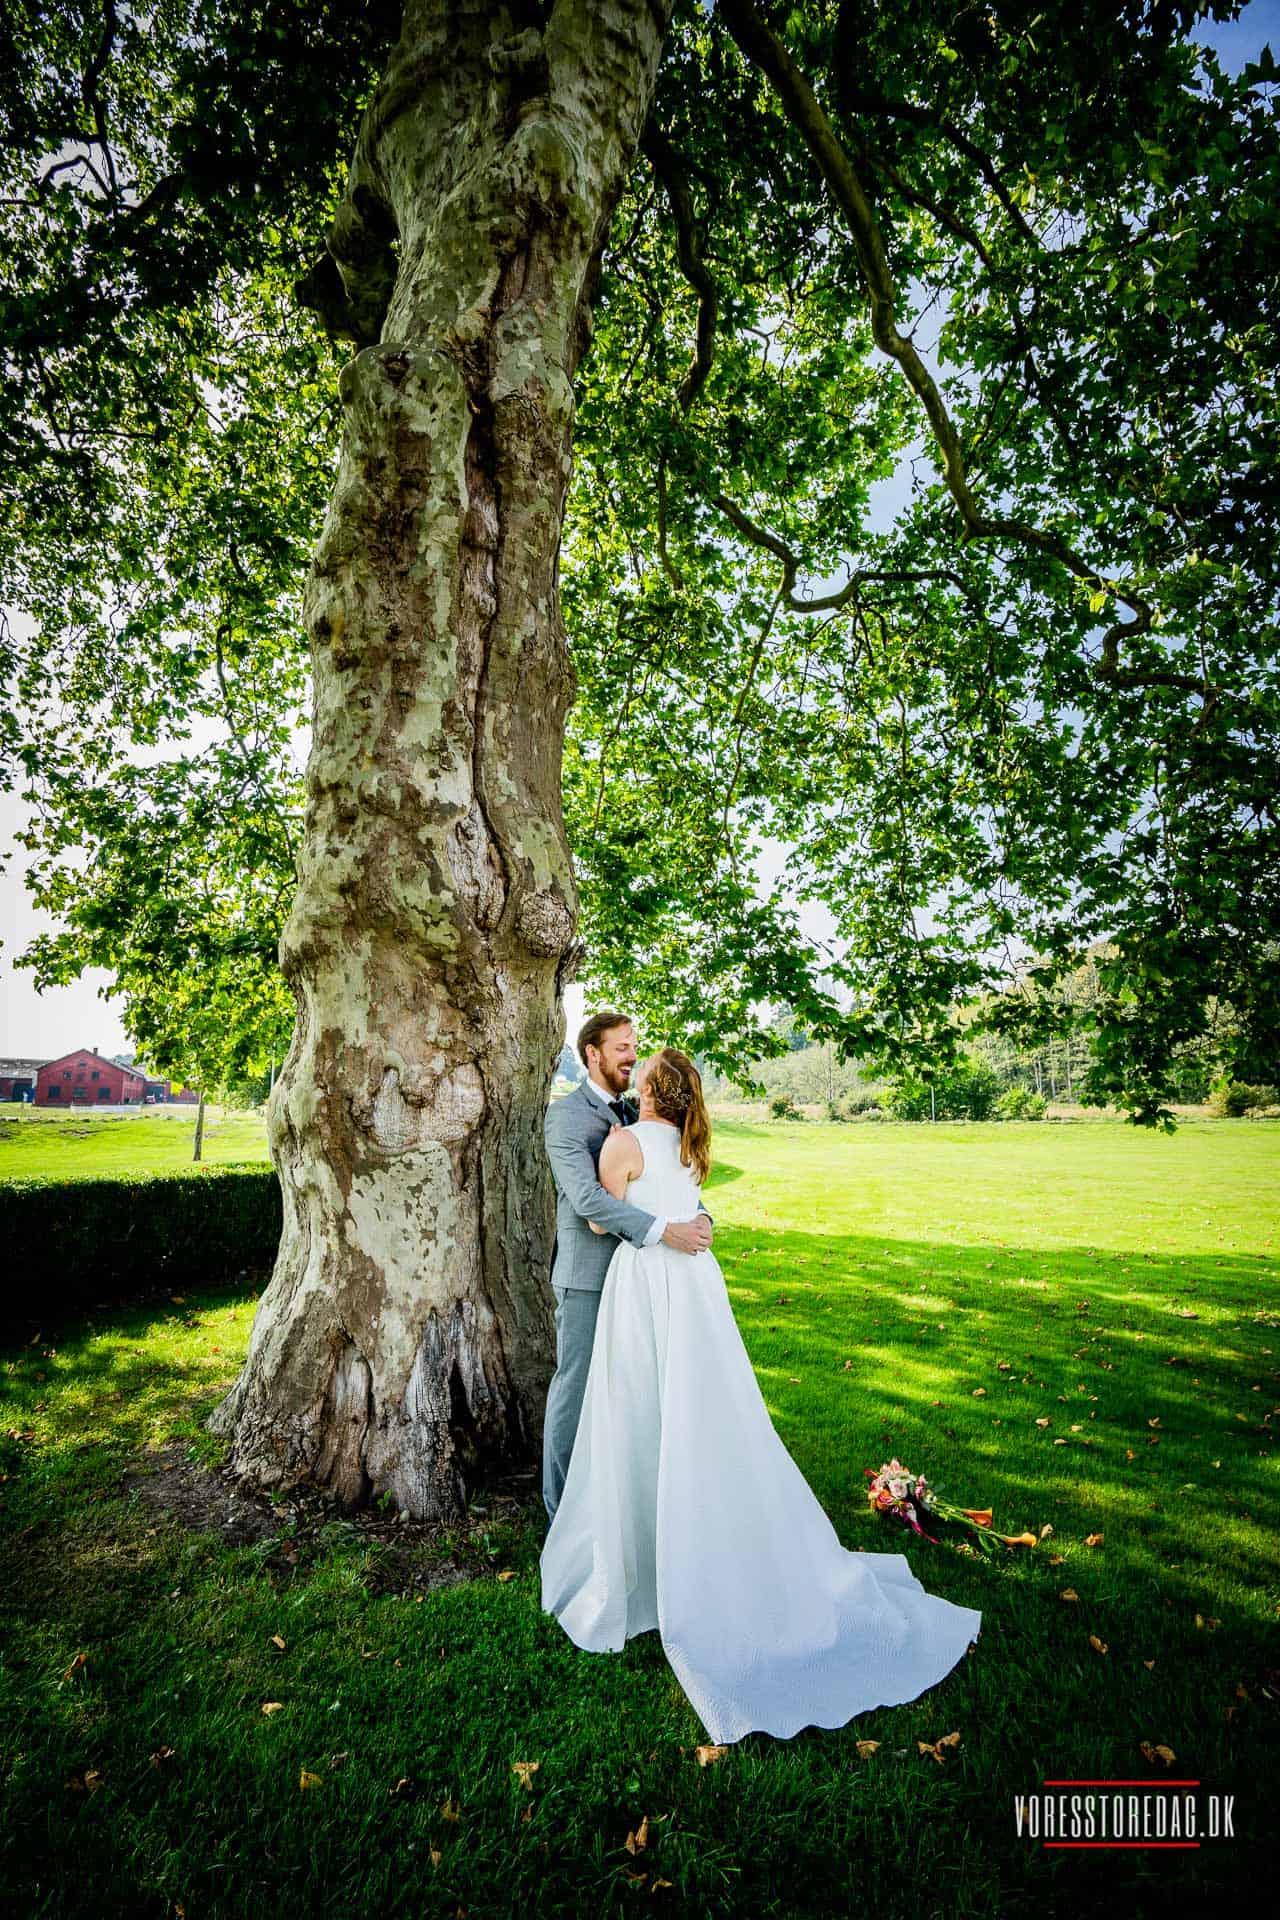 Nogle gode råd til bryllup i Vejle området